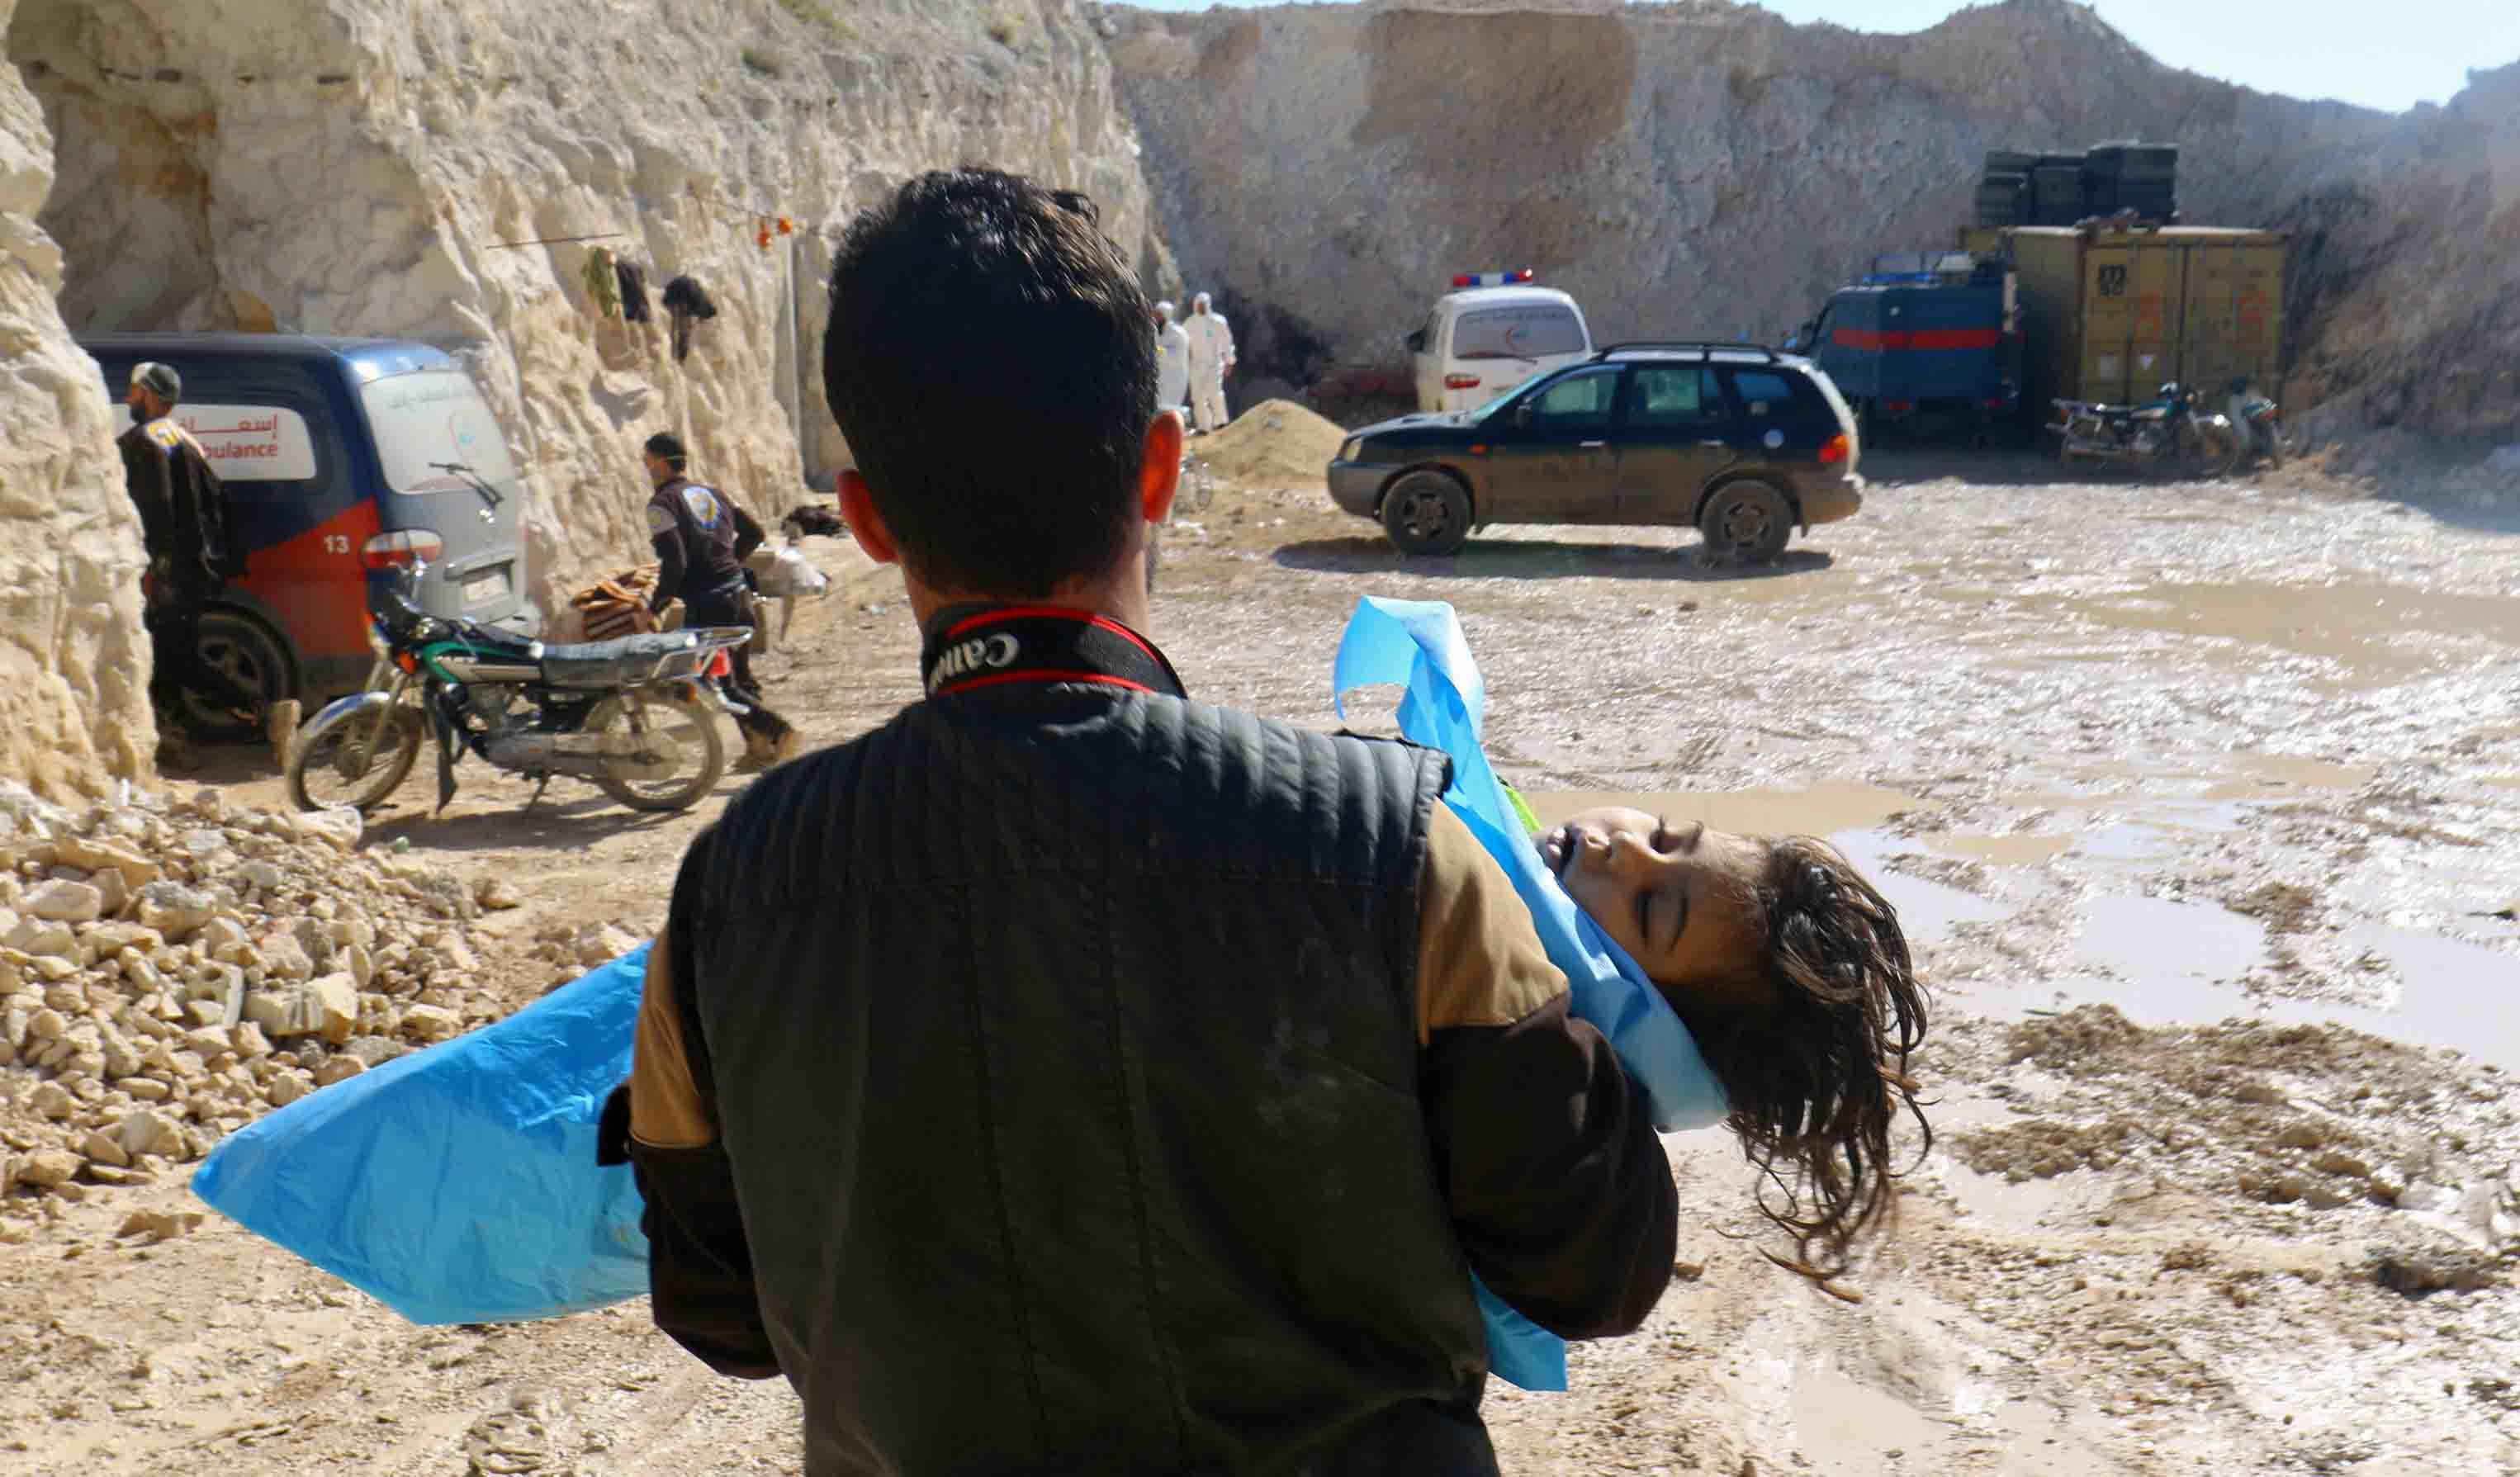 El ataque con gas tóxico en las ciudad siria causó polémica e indignación en todo el mundo